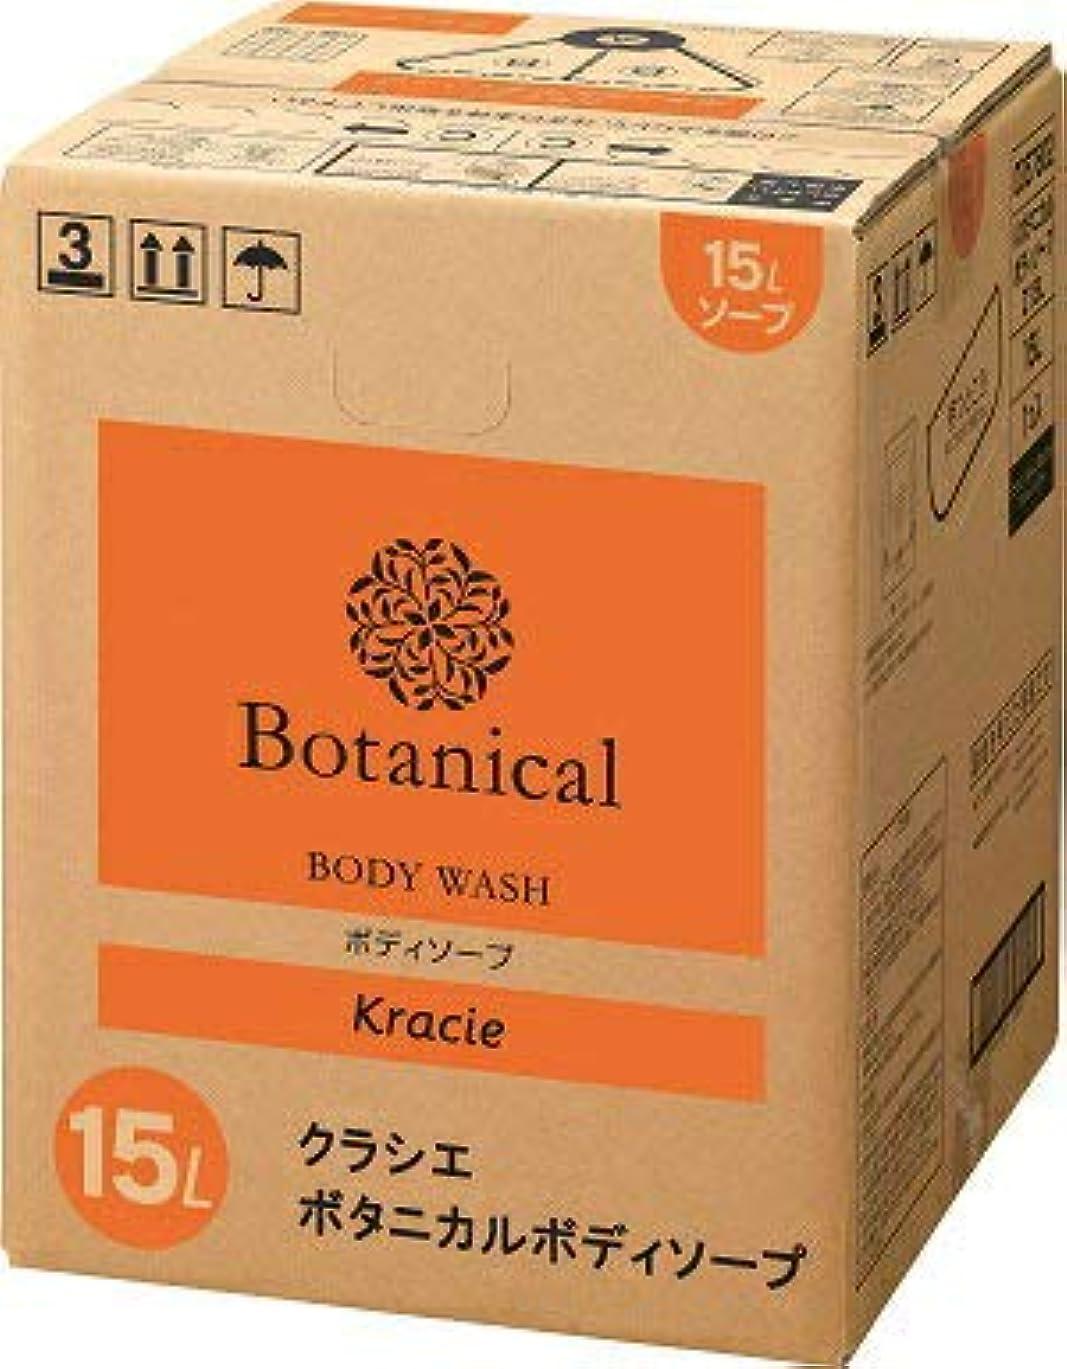 注目すべき子猫城Kracie クラシエ Botanical ボタニカル ボディソープ 15L 詰め替え 業務用